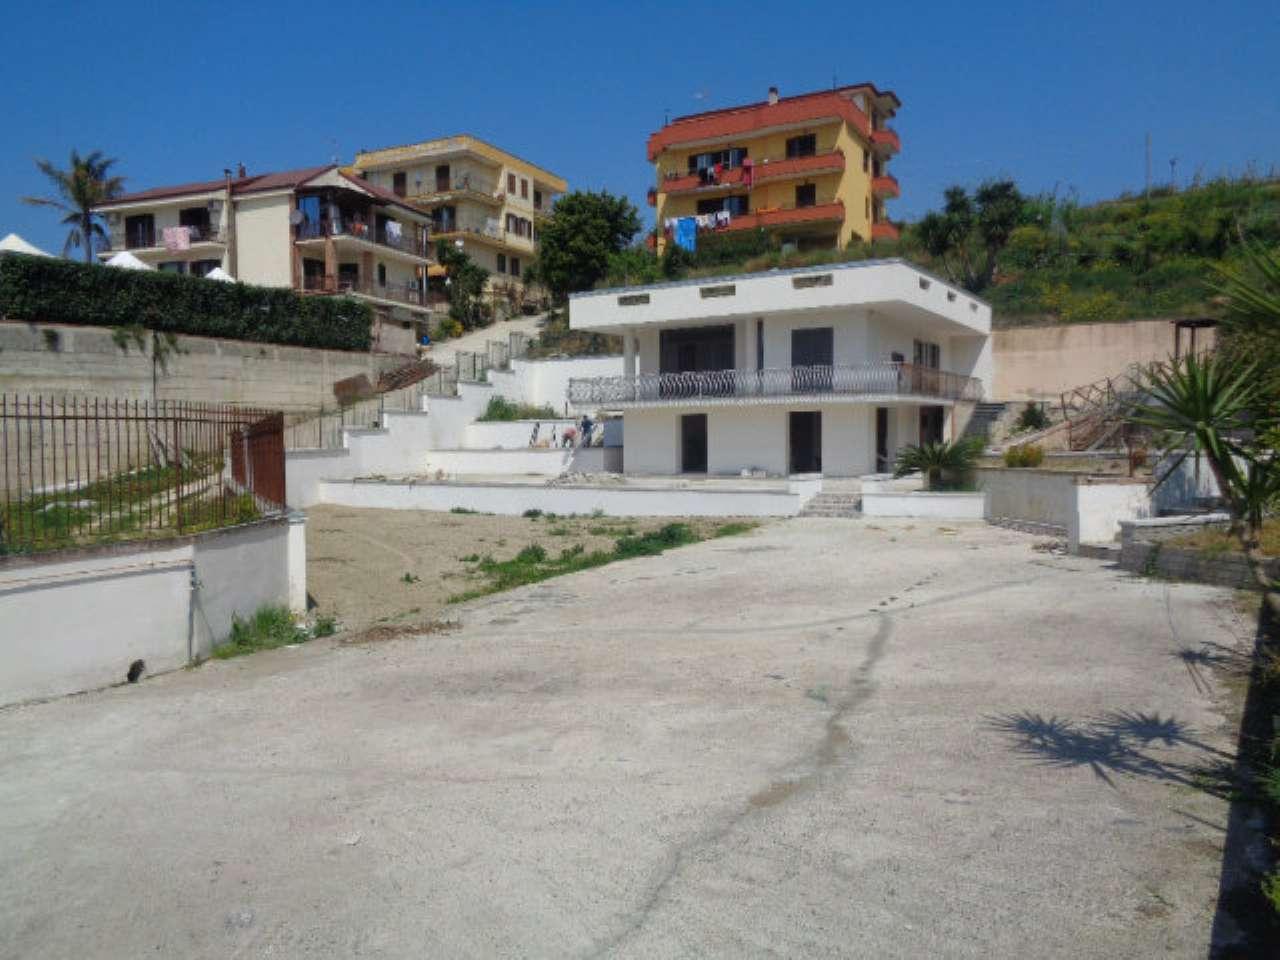 Villa in vendita a Marano di Napoli, 4 locali, prezzo € 839.000 | CambioCasa.it